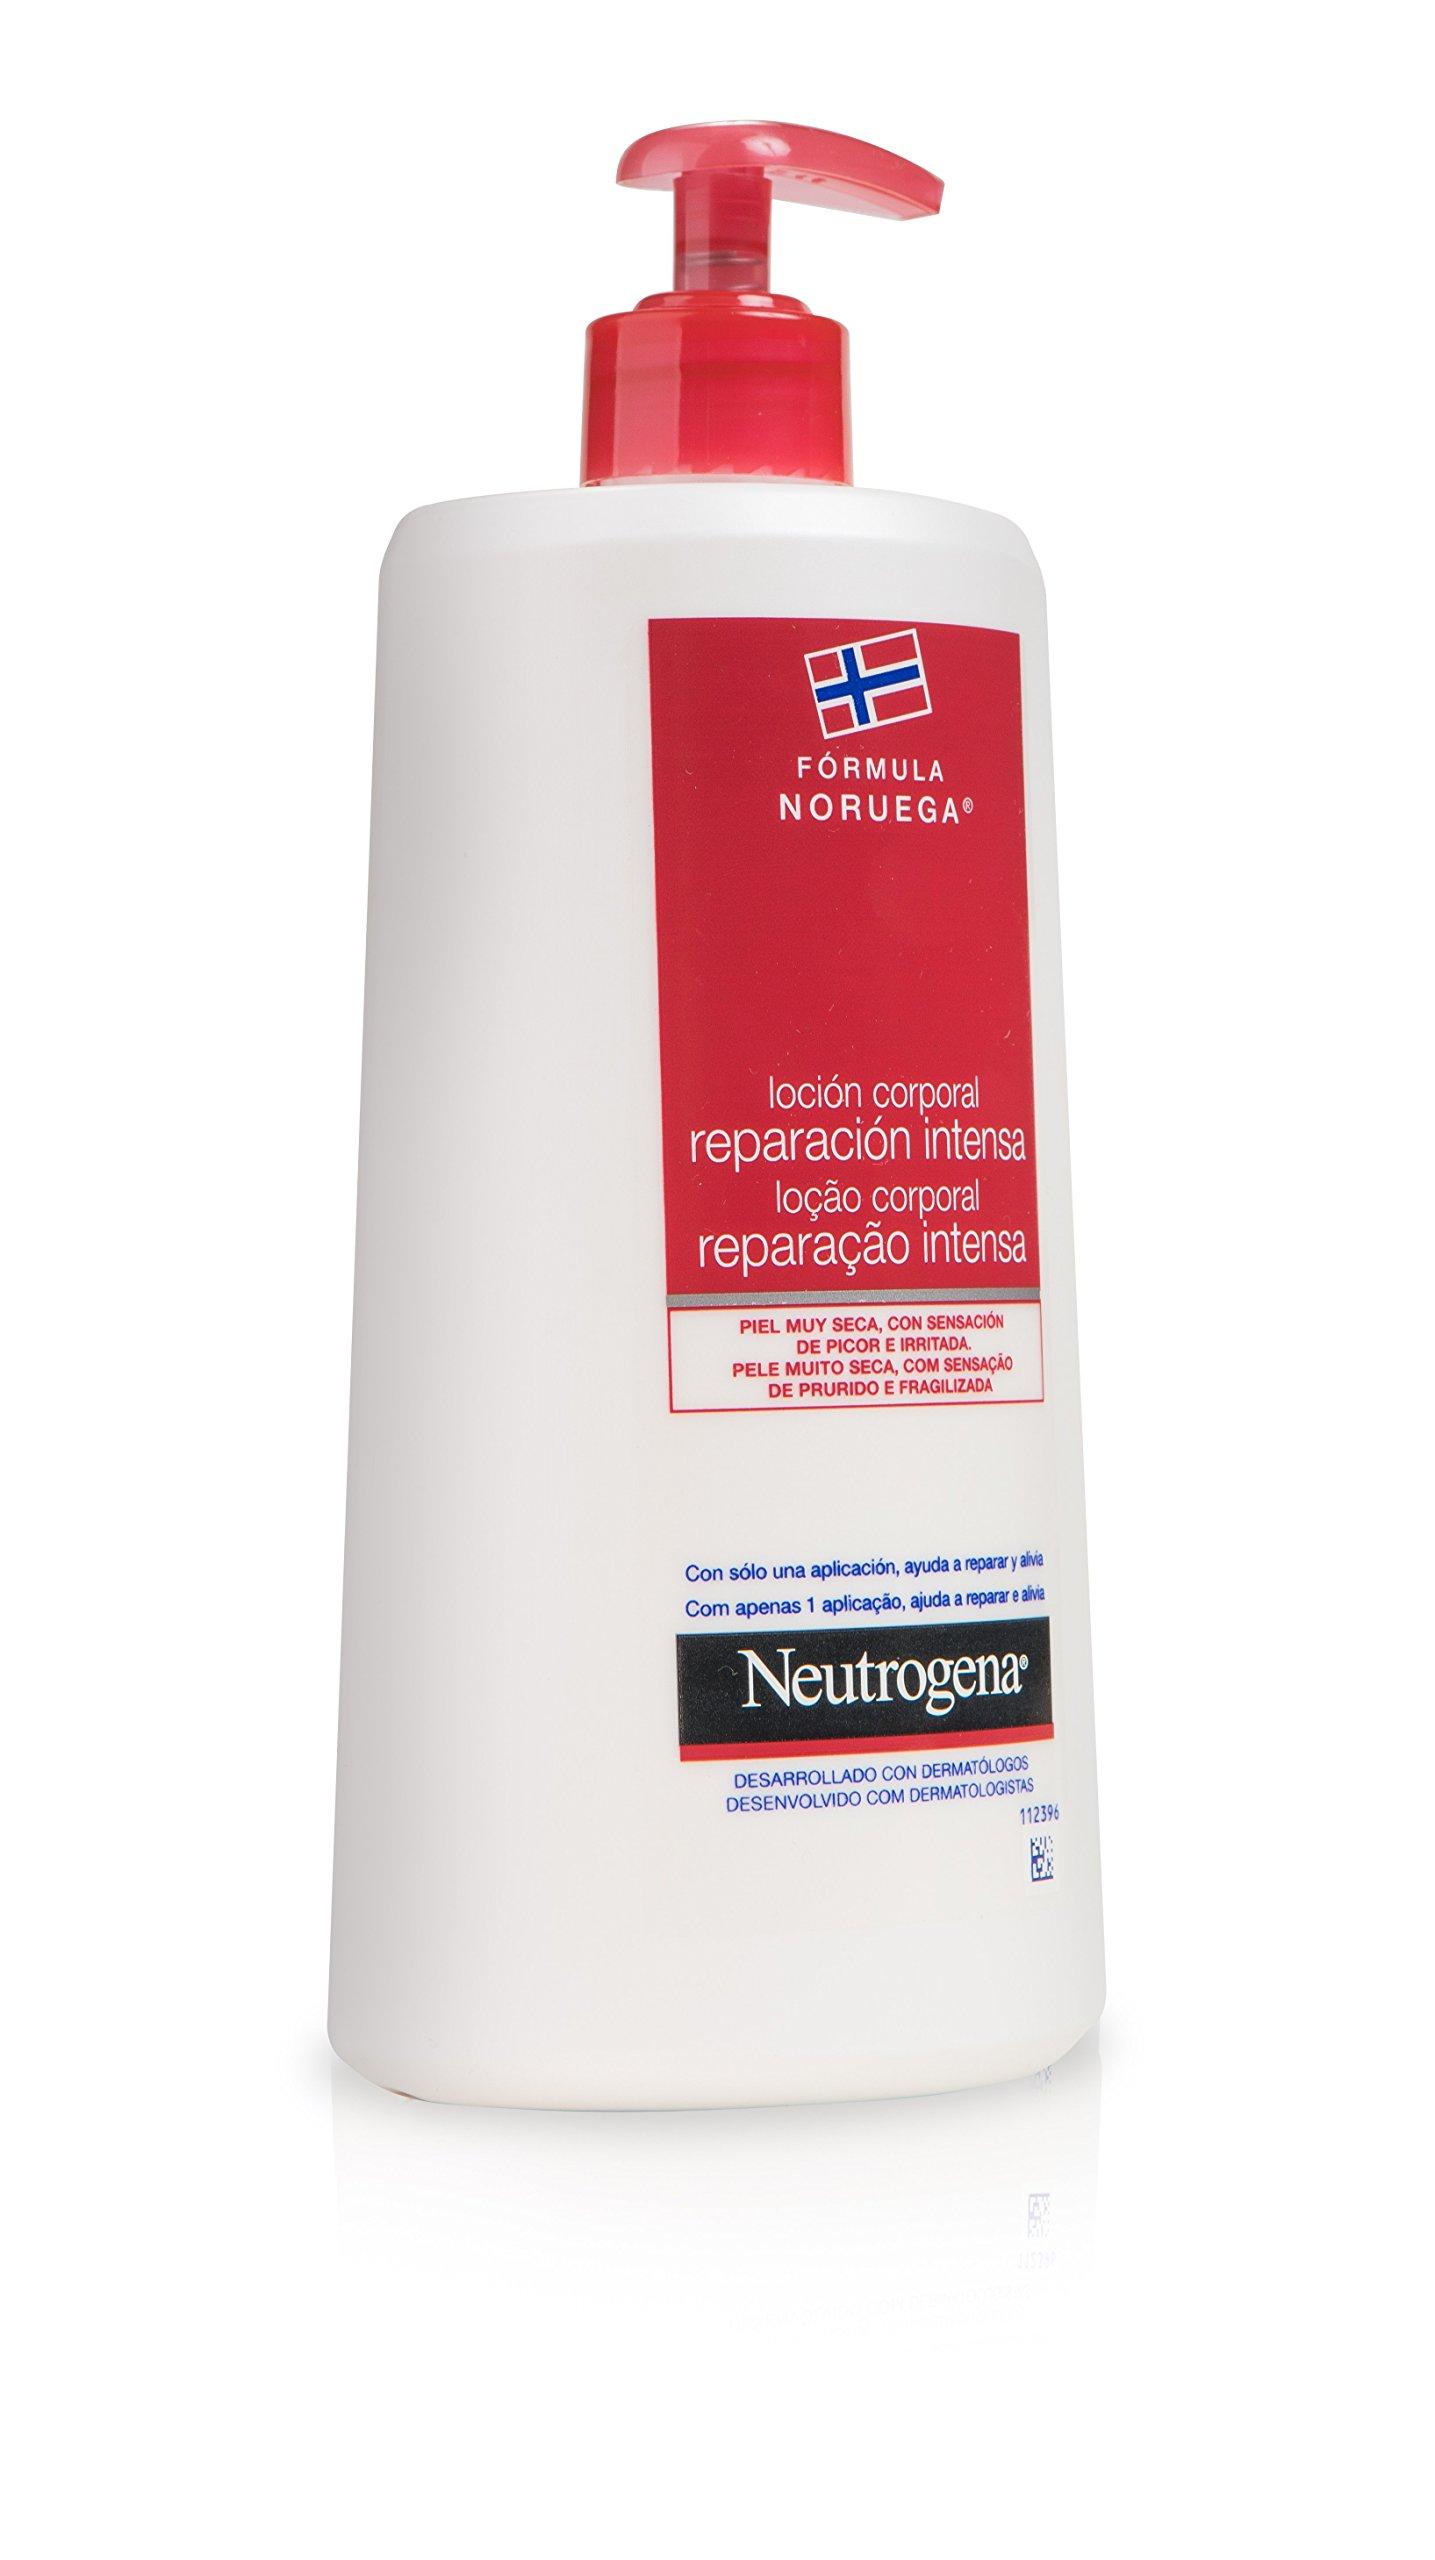 Neutrogena Loción Corporal Reparación Intensa (Piel Muy Seca)